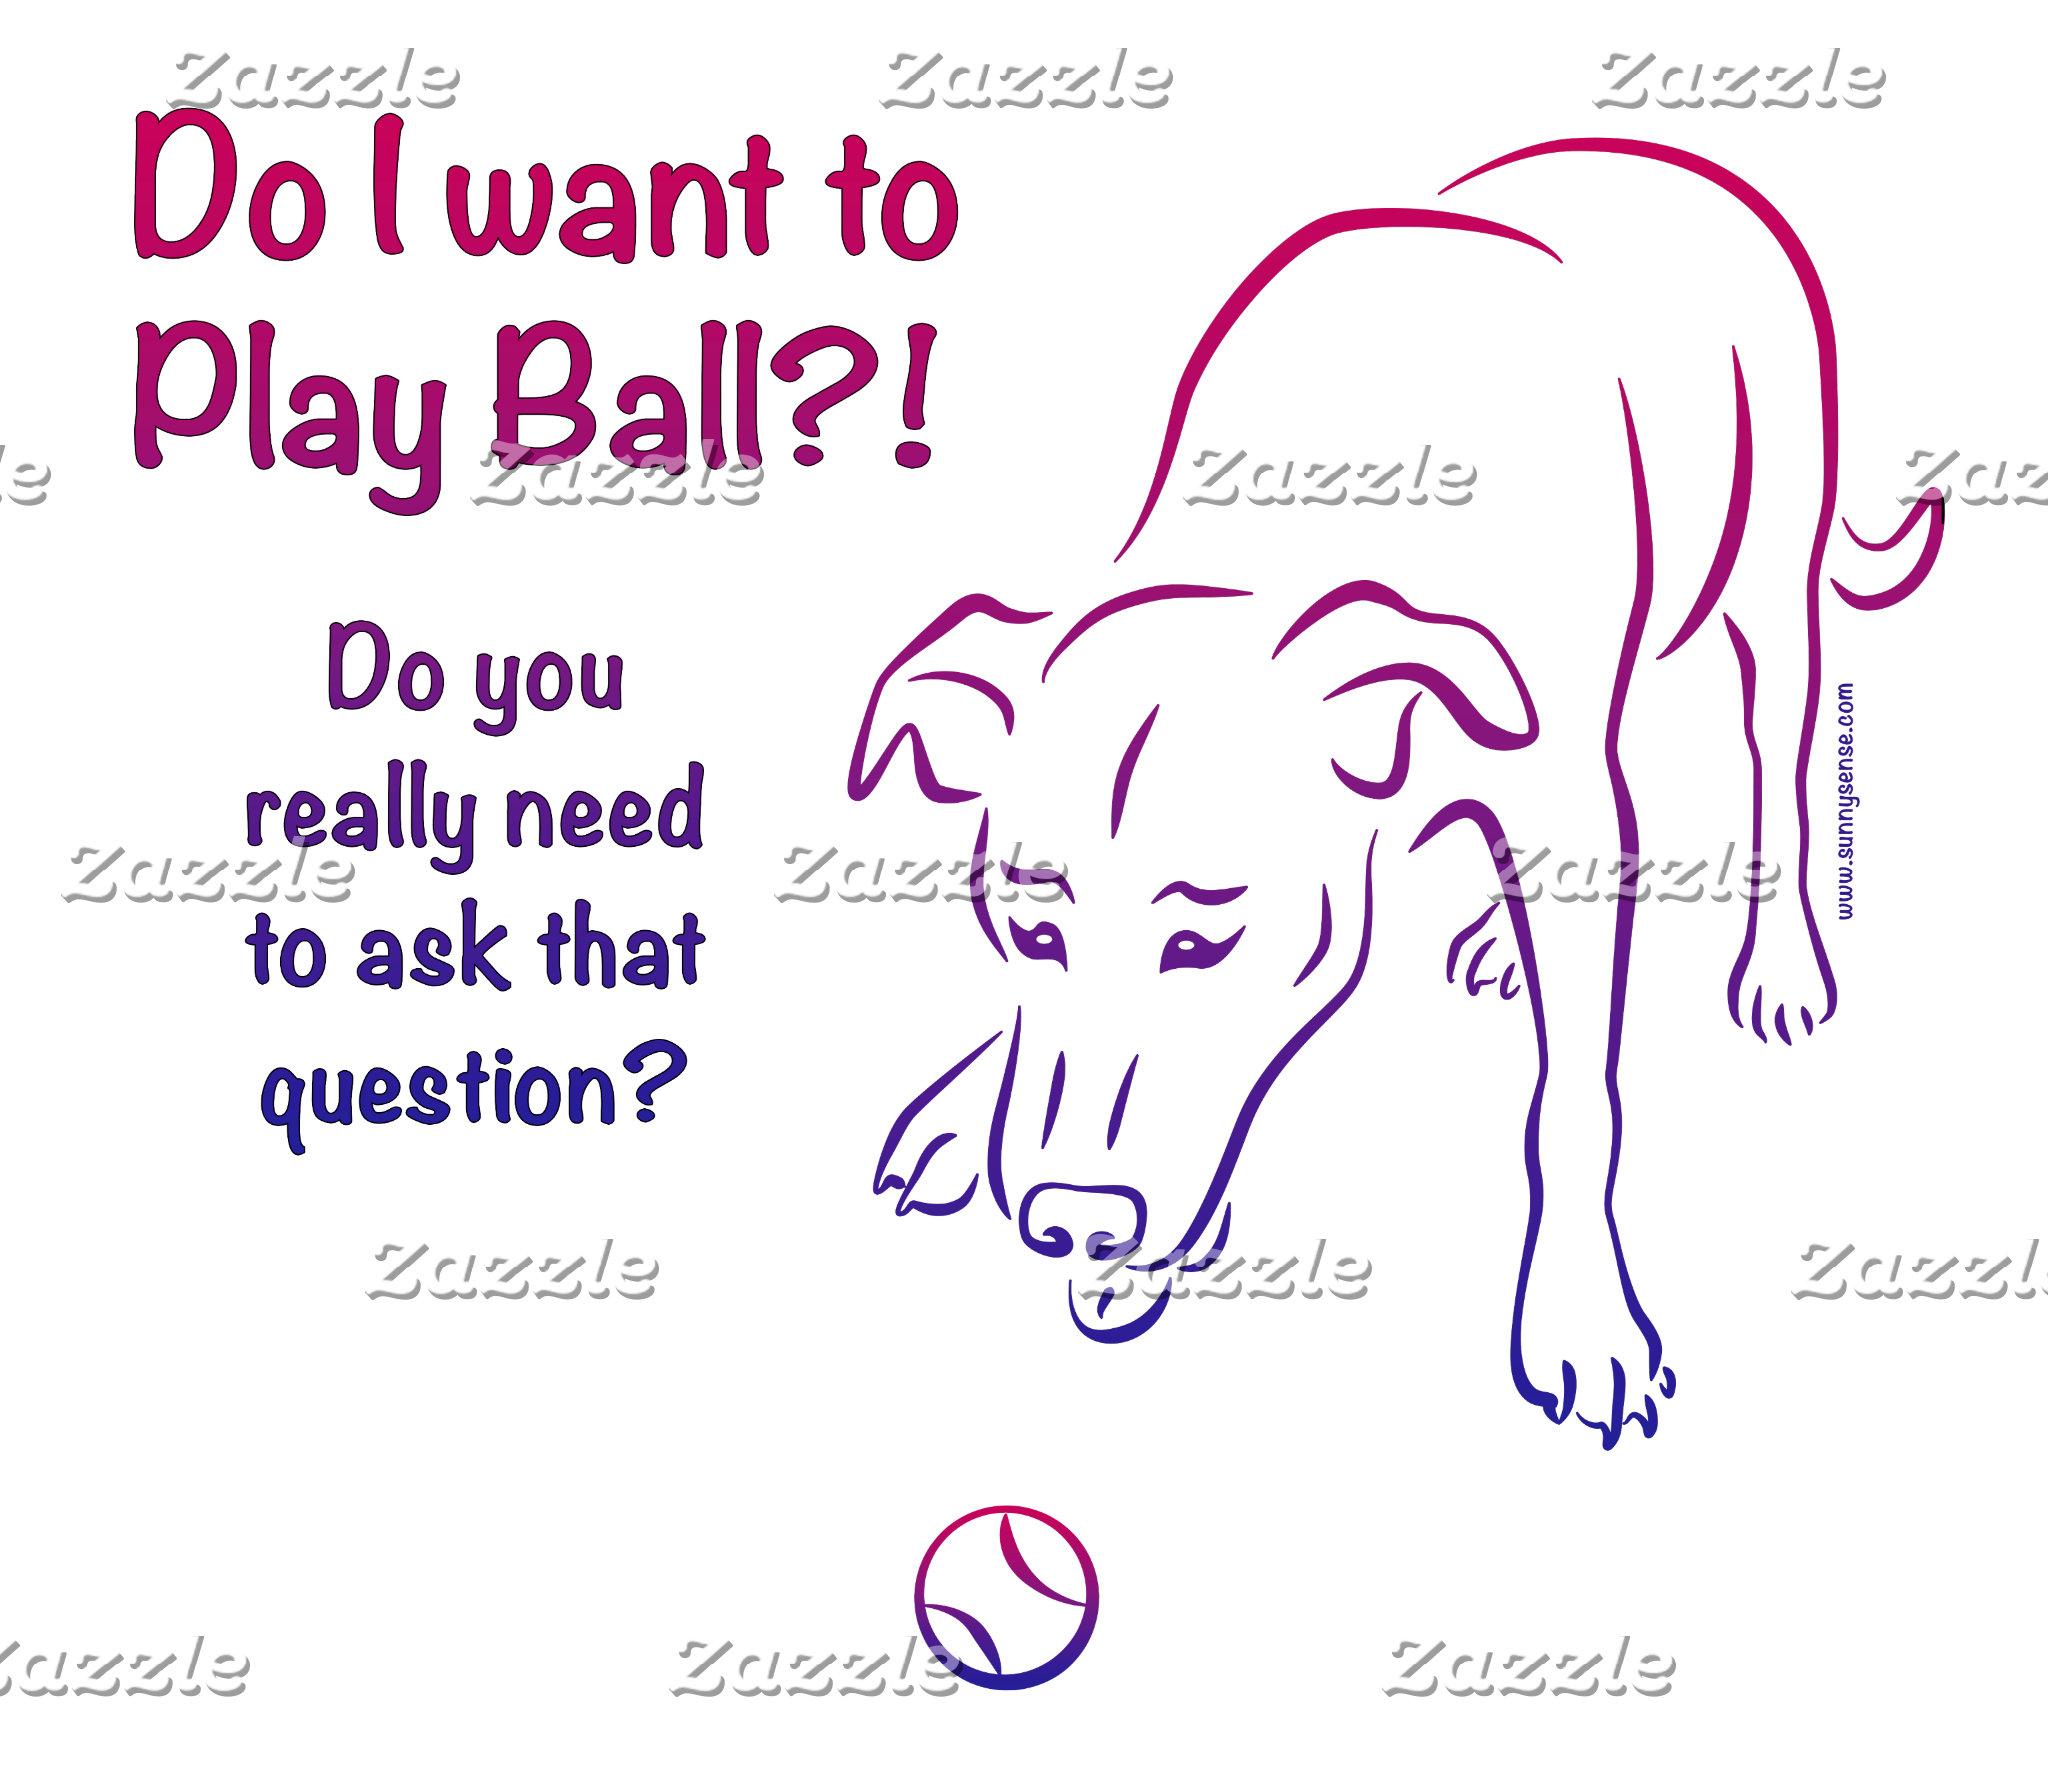 Dog: Play Ball!